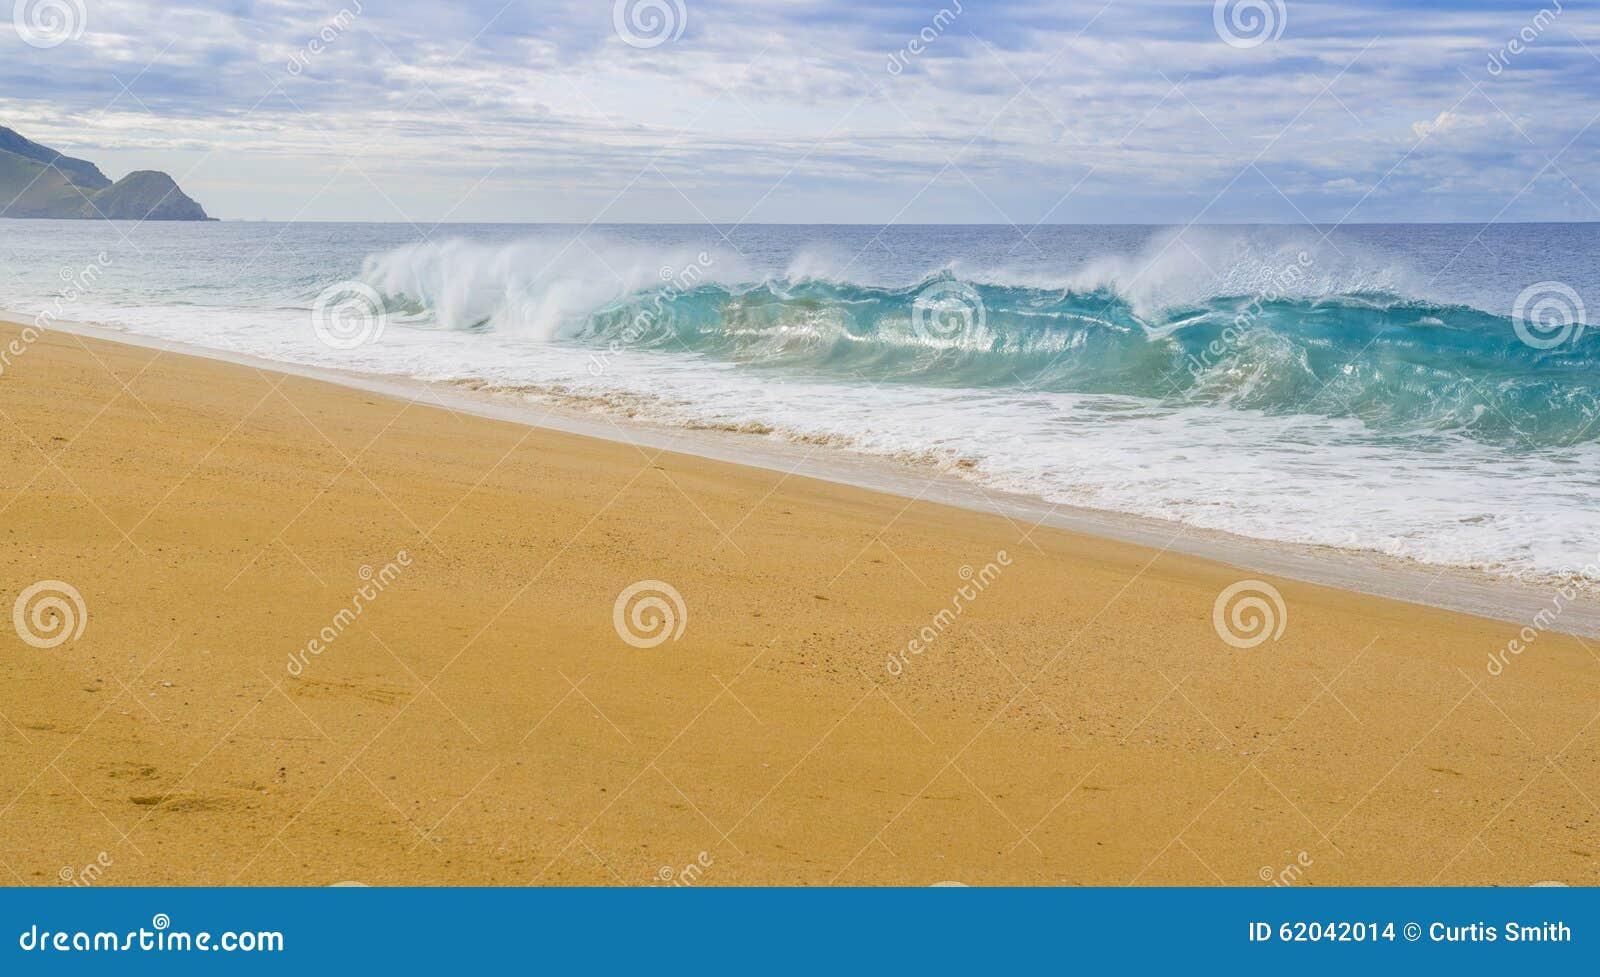 Wave breaks on Pacific Ocean beach